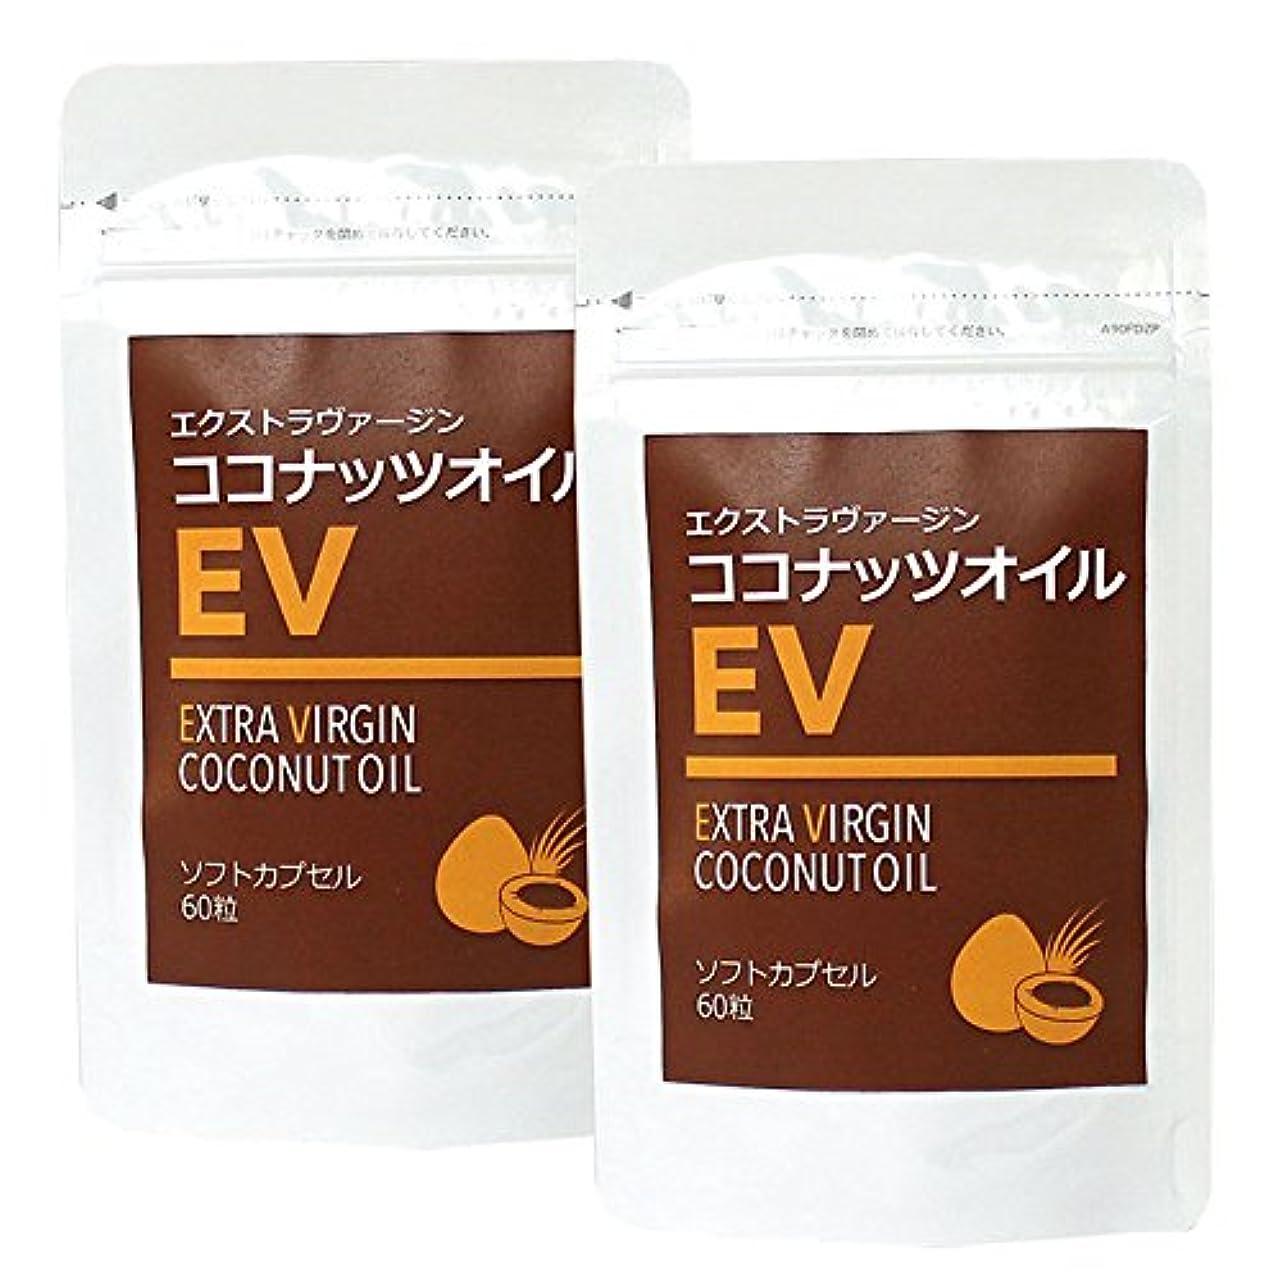 キノコ愚かな悪化するココナッツオイルEV 2袋セット